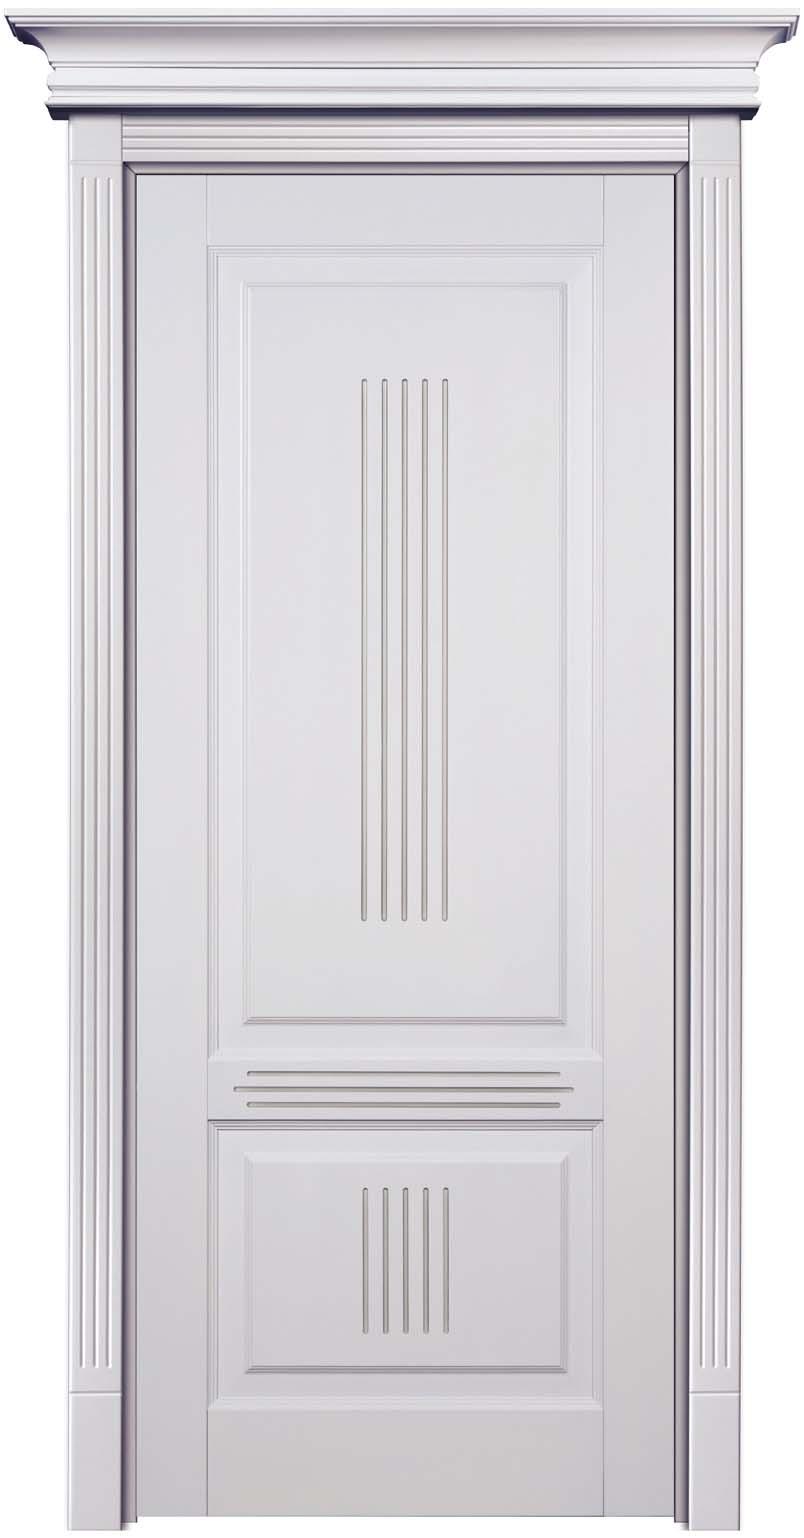 Филенчатая глухая дверь из 100% массива кавказского бука - Державин, Лен и патинирование Иней